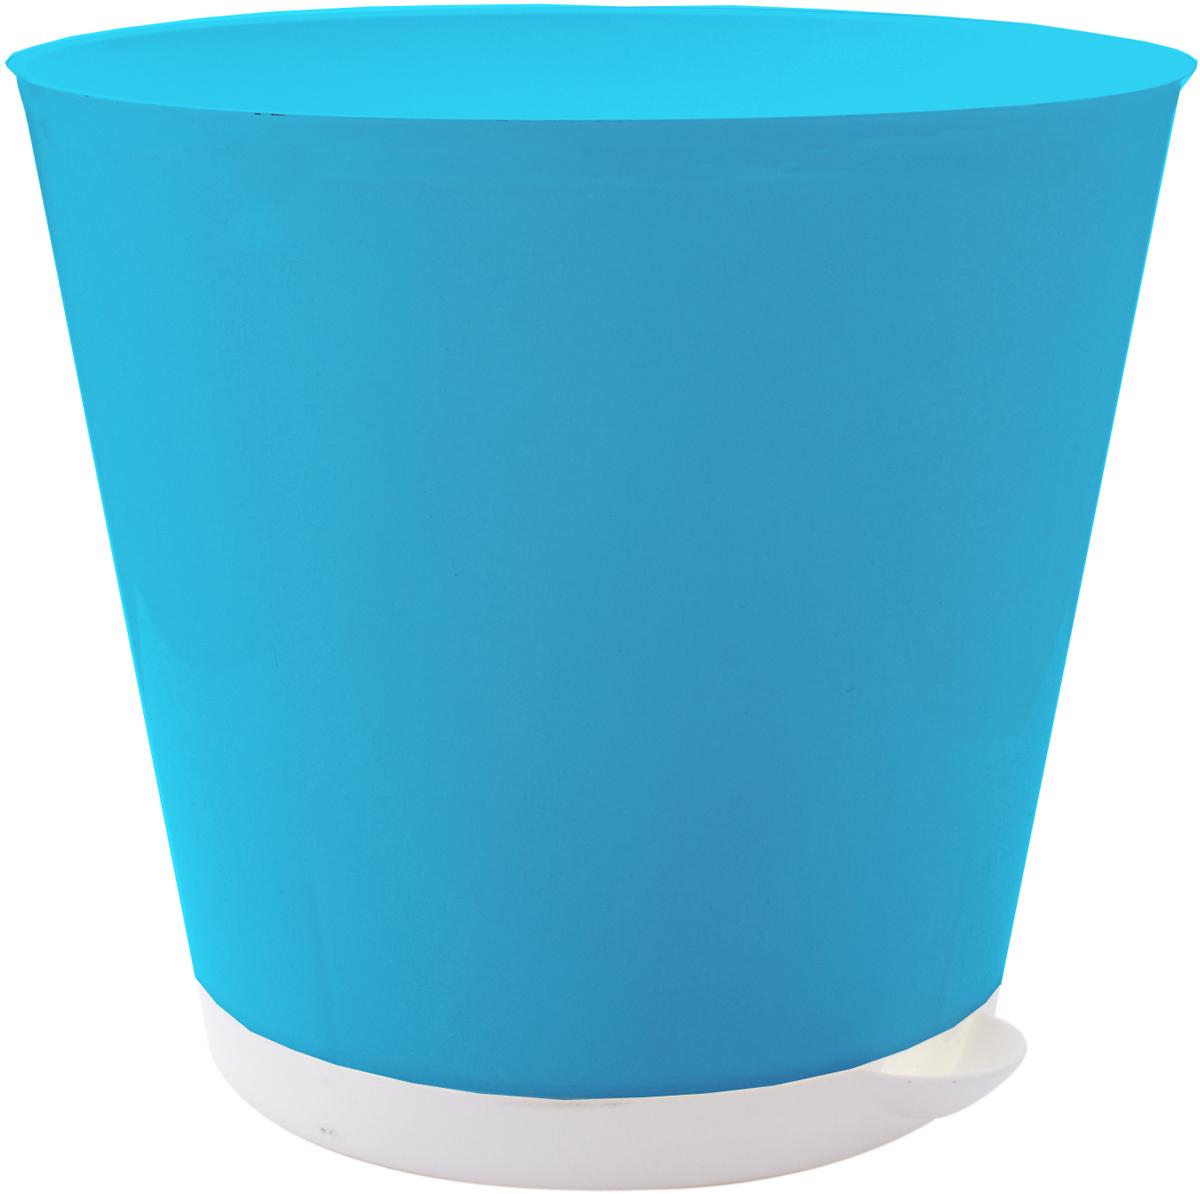 Горшок для цветов InGreen Крит, с системой прикорневого полива, цвет: светло-синий, белый, диаметр 16 смING46016СВСН-16РSГоршок InGreen Крит, выполненный из высококачественного полипропилена (пластика), предназначен для выращивания комнатных цветов, растений и трав. Специальная конструкция обеспечивает вентиляцию в корневой системе растения, а дренажные отверстия позволяют выходить лишней влаге из почвы. Крепежные отверстия и штыри прочно крепят подставку к горшку. Прикорневой полив растения осуществляется через удобный носик. Система прикорневого полива позволяет оставлять комнатное растение без внимания тем, кто часто находится в командировках или собирается в отпуск и не имеет возможности вовремя поливать цветы.Такой горшок порадует вас современным дизайном и функциональностью, а также оригинально украсит интерьер любого помещения. Объем горшка: 1,8 л.Диаметр горшка (по верхнему краю): 16 см.Высота горшка: 14,7 см.